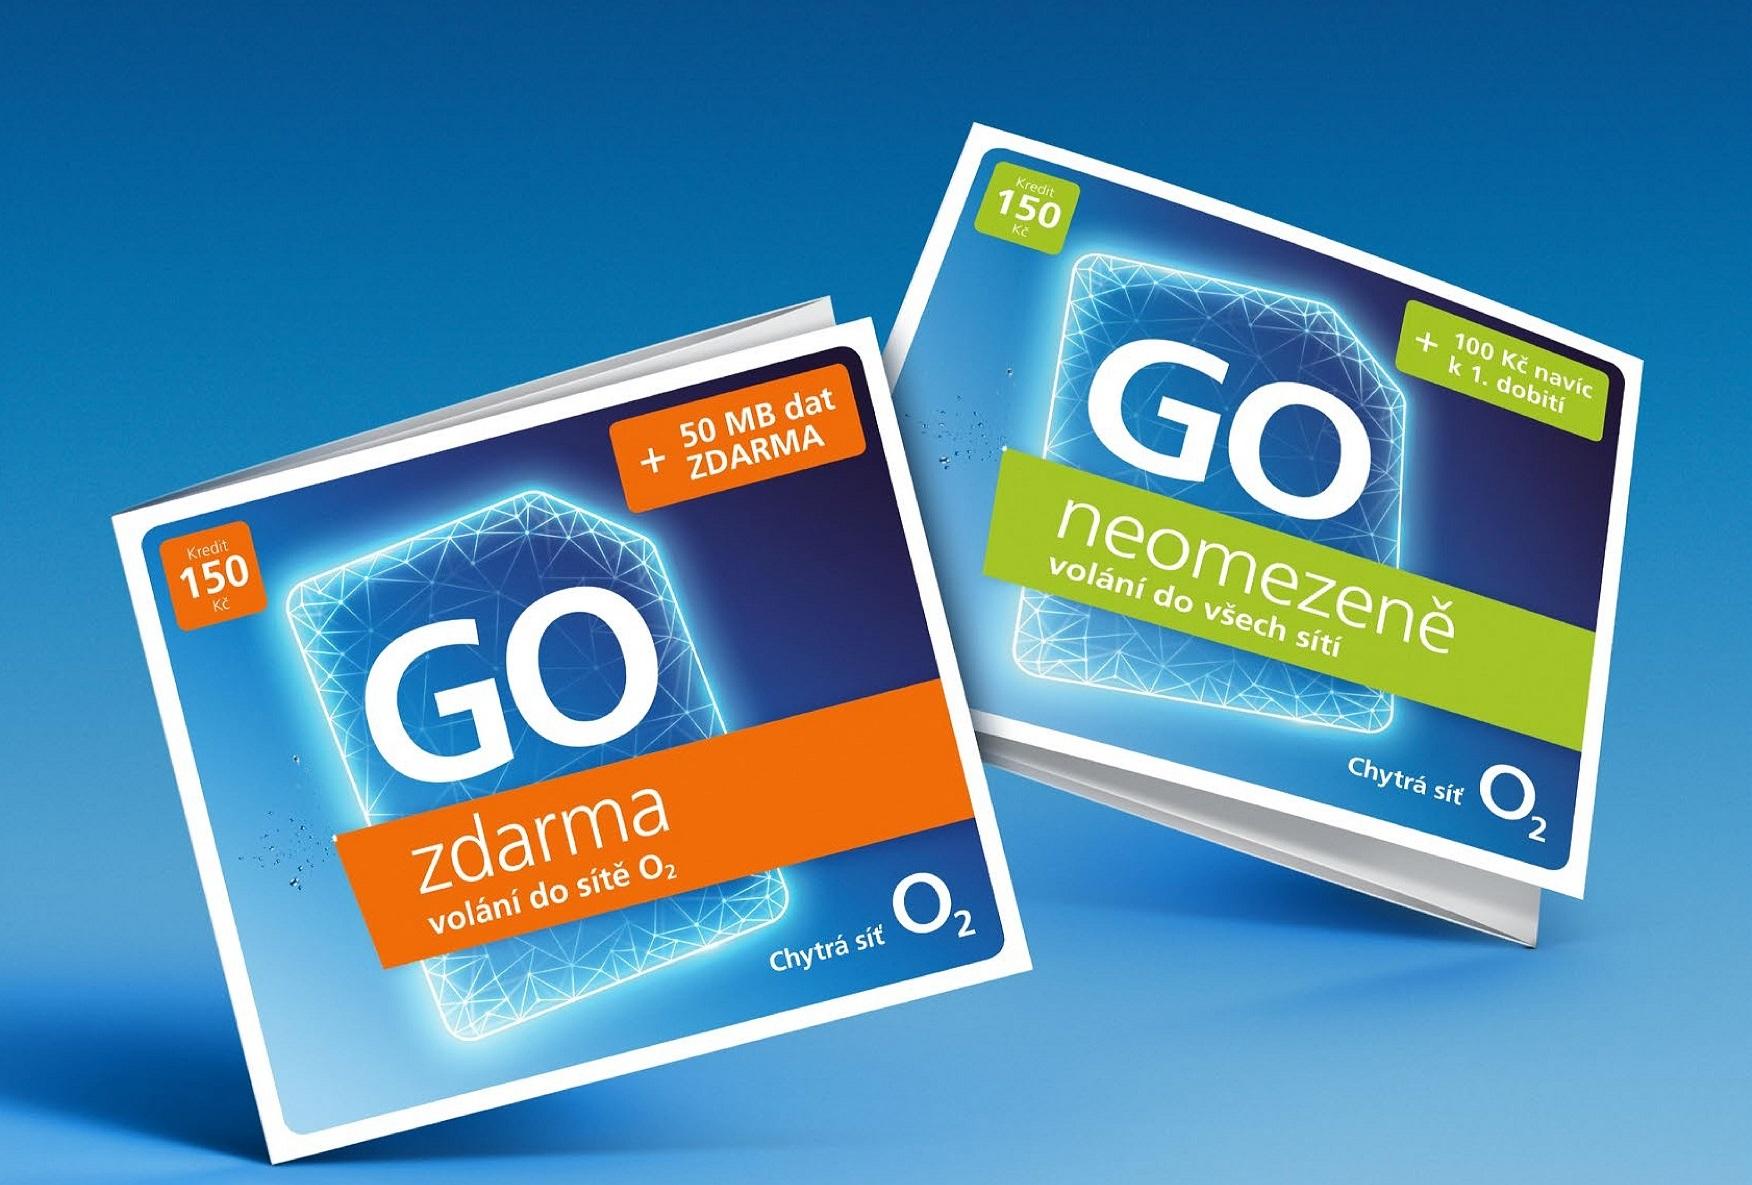 """Mobilní operátor O2 obnovuje koncept předplacených karet s označením """"GO"""""""